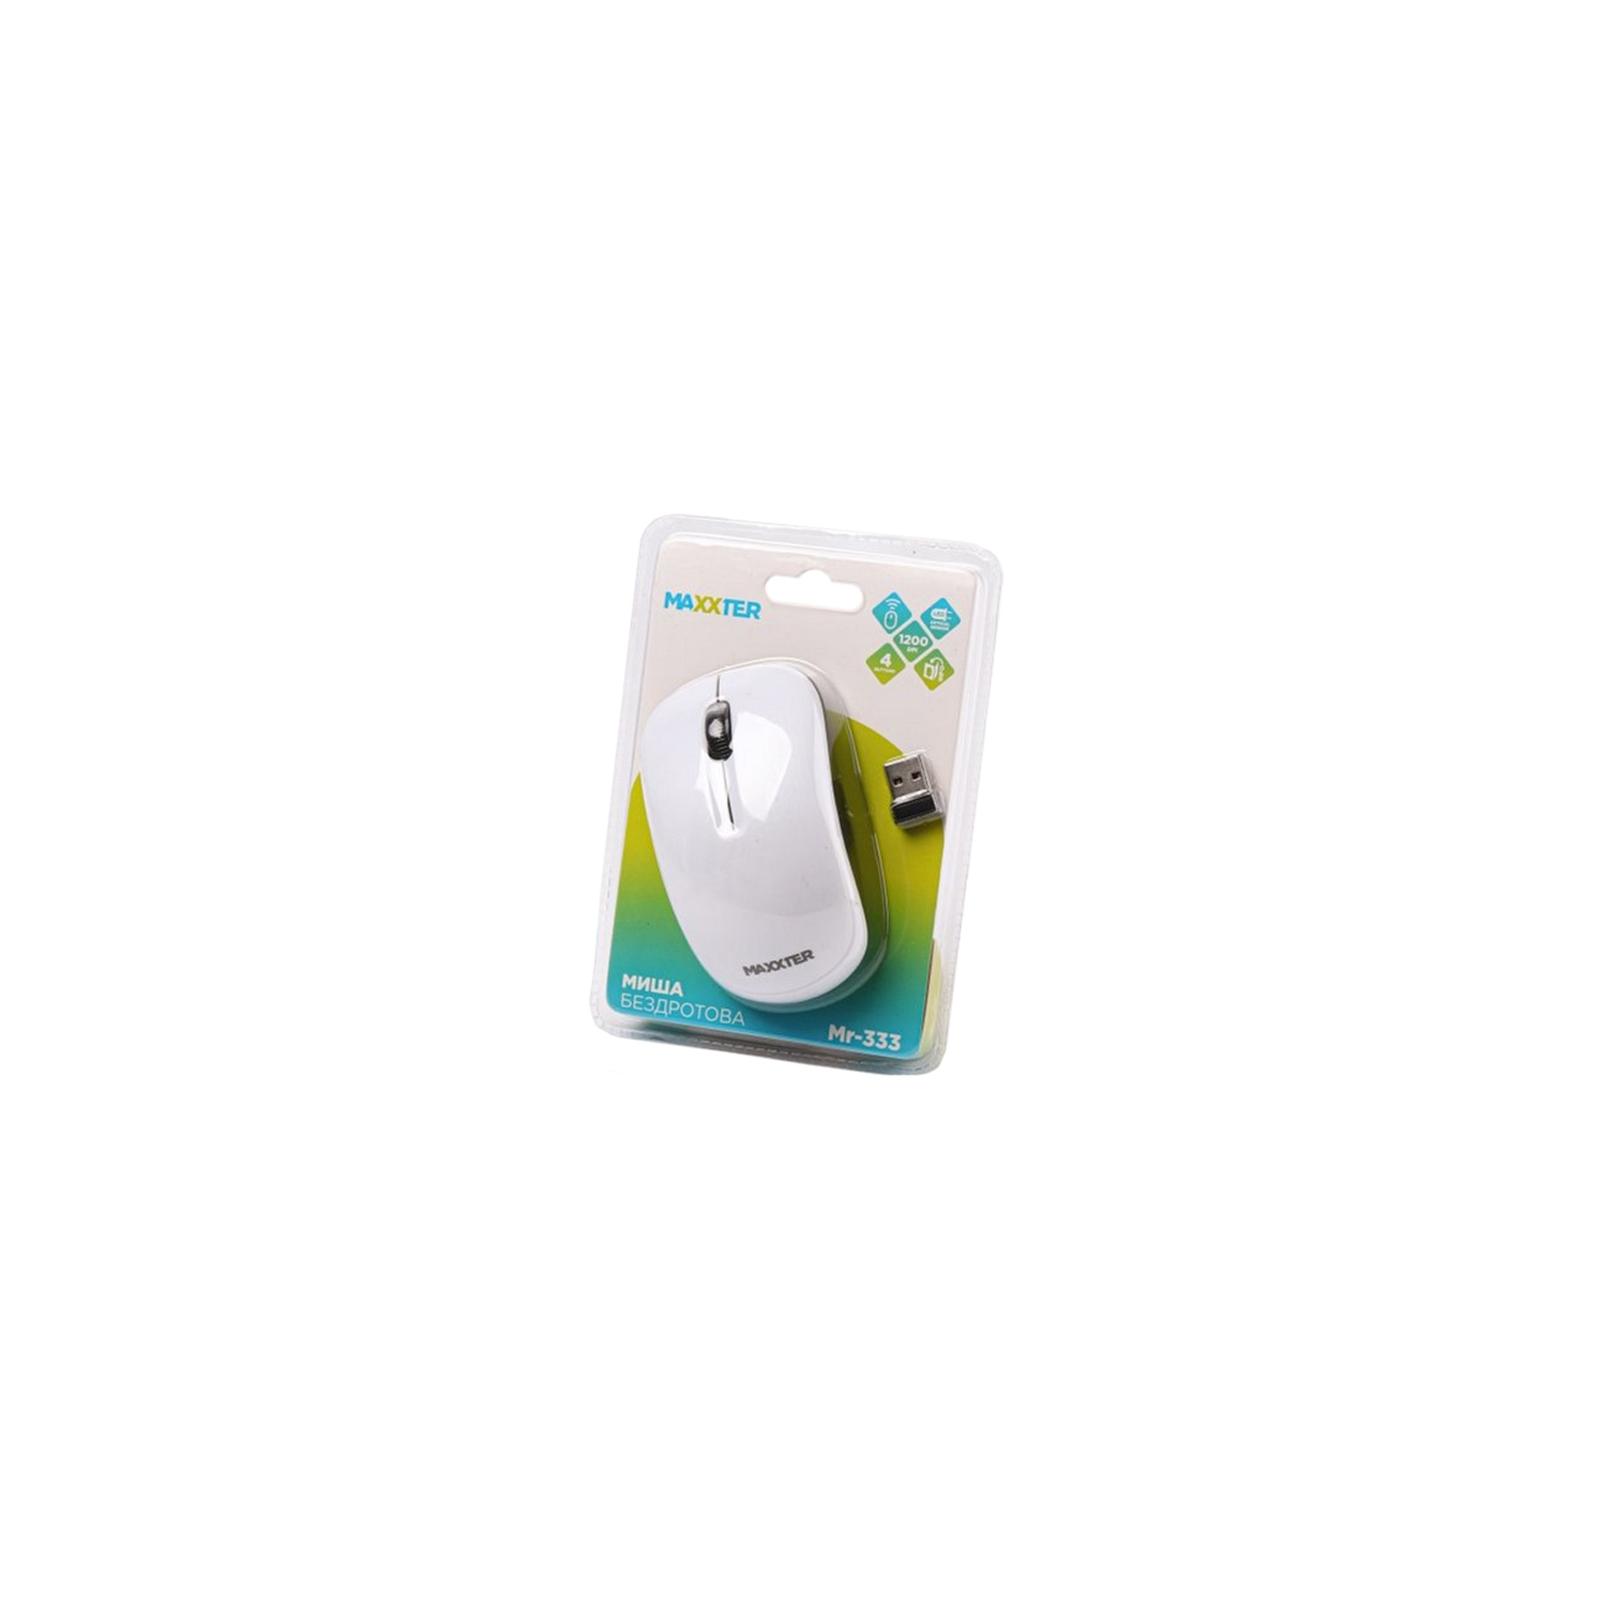 Мышка Maxxter Mr-333 изображение 4